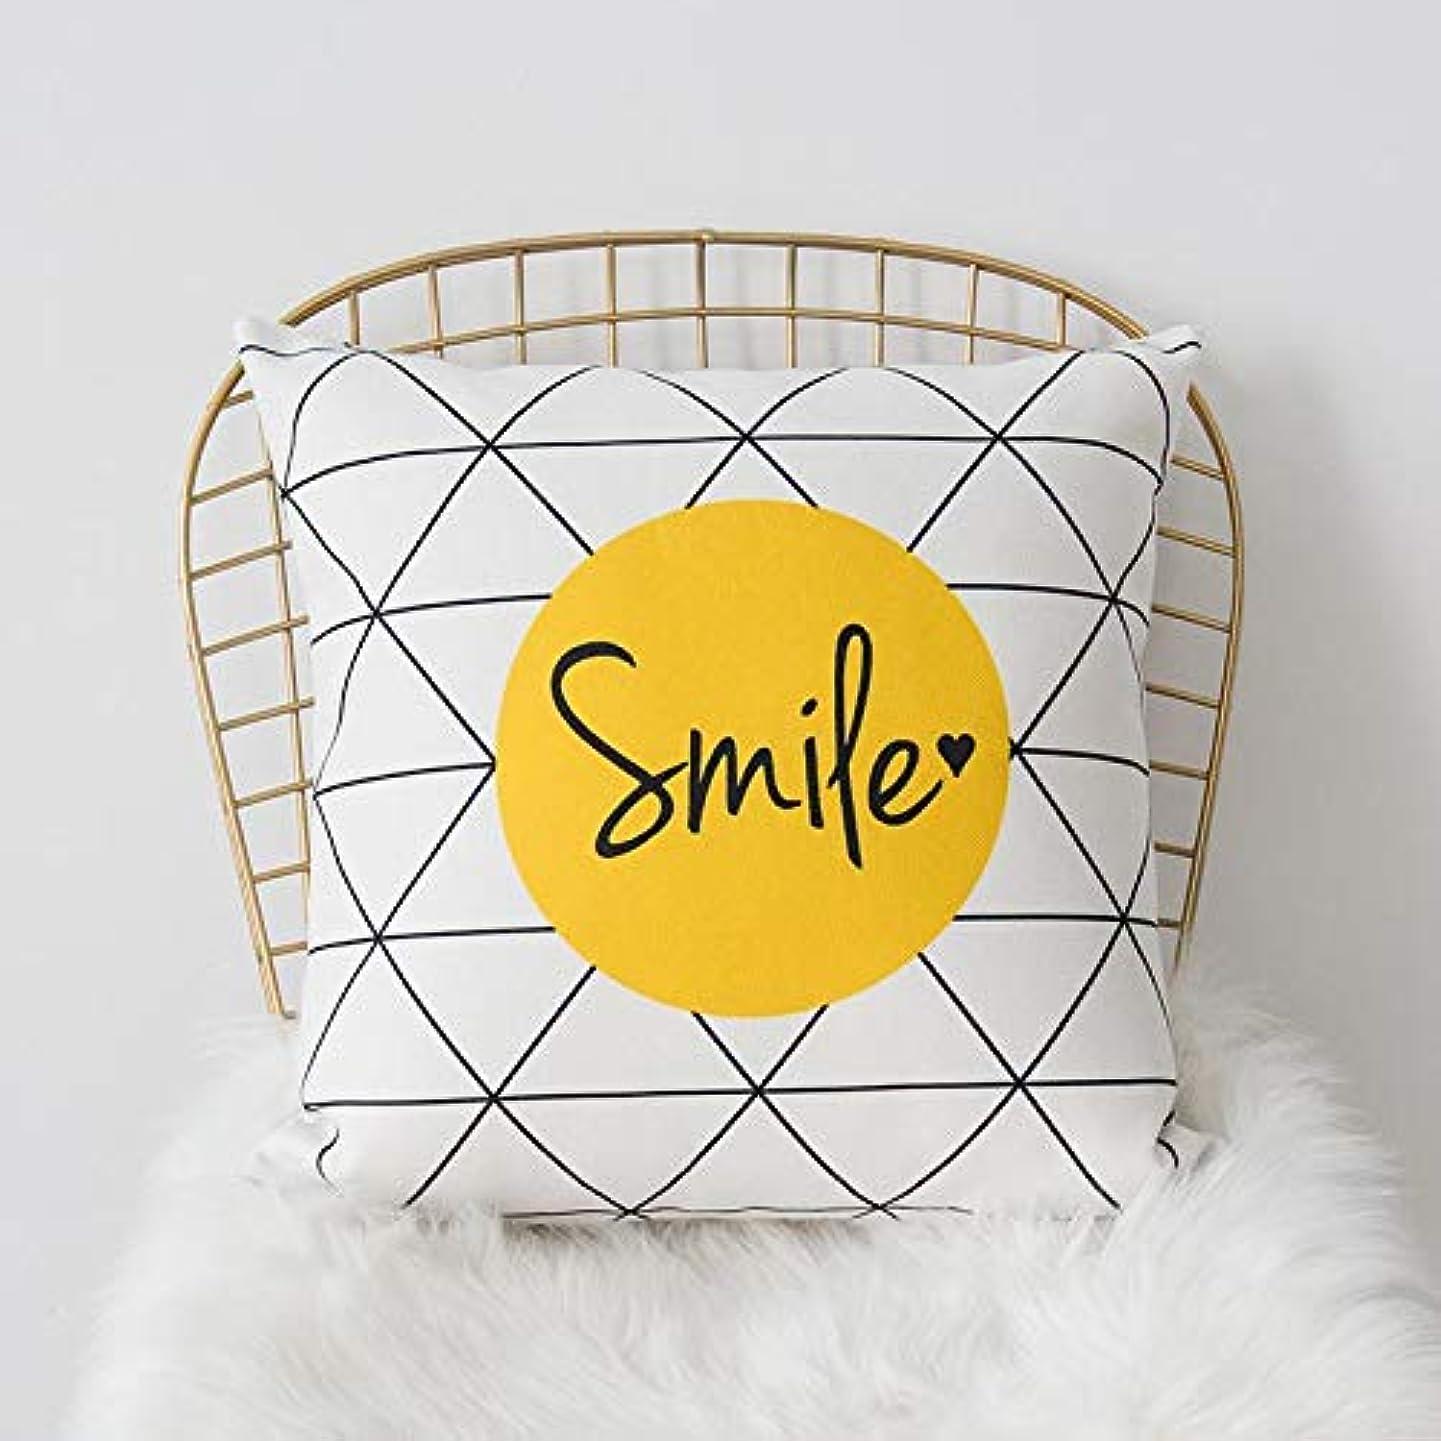 日衣類に対処するLIFE 黄色グレー枕北欧スタイル黄色ヘラジカ幾何枕リビングルームのインテリアソファクッション Cojines 装飾良質 クッション 椅子